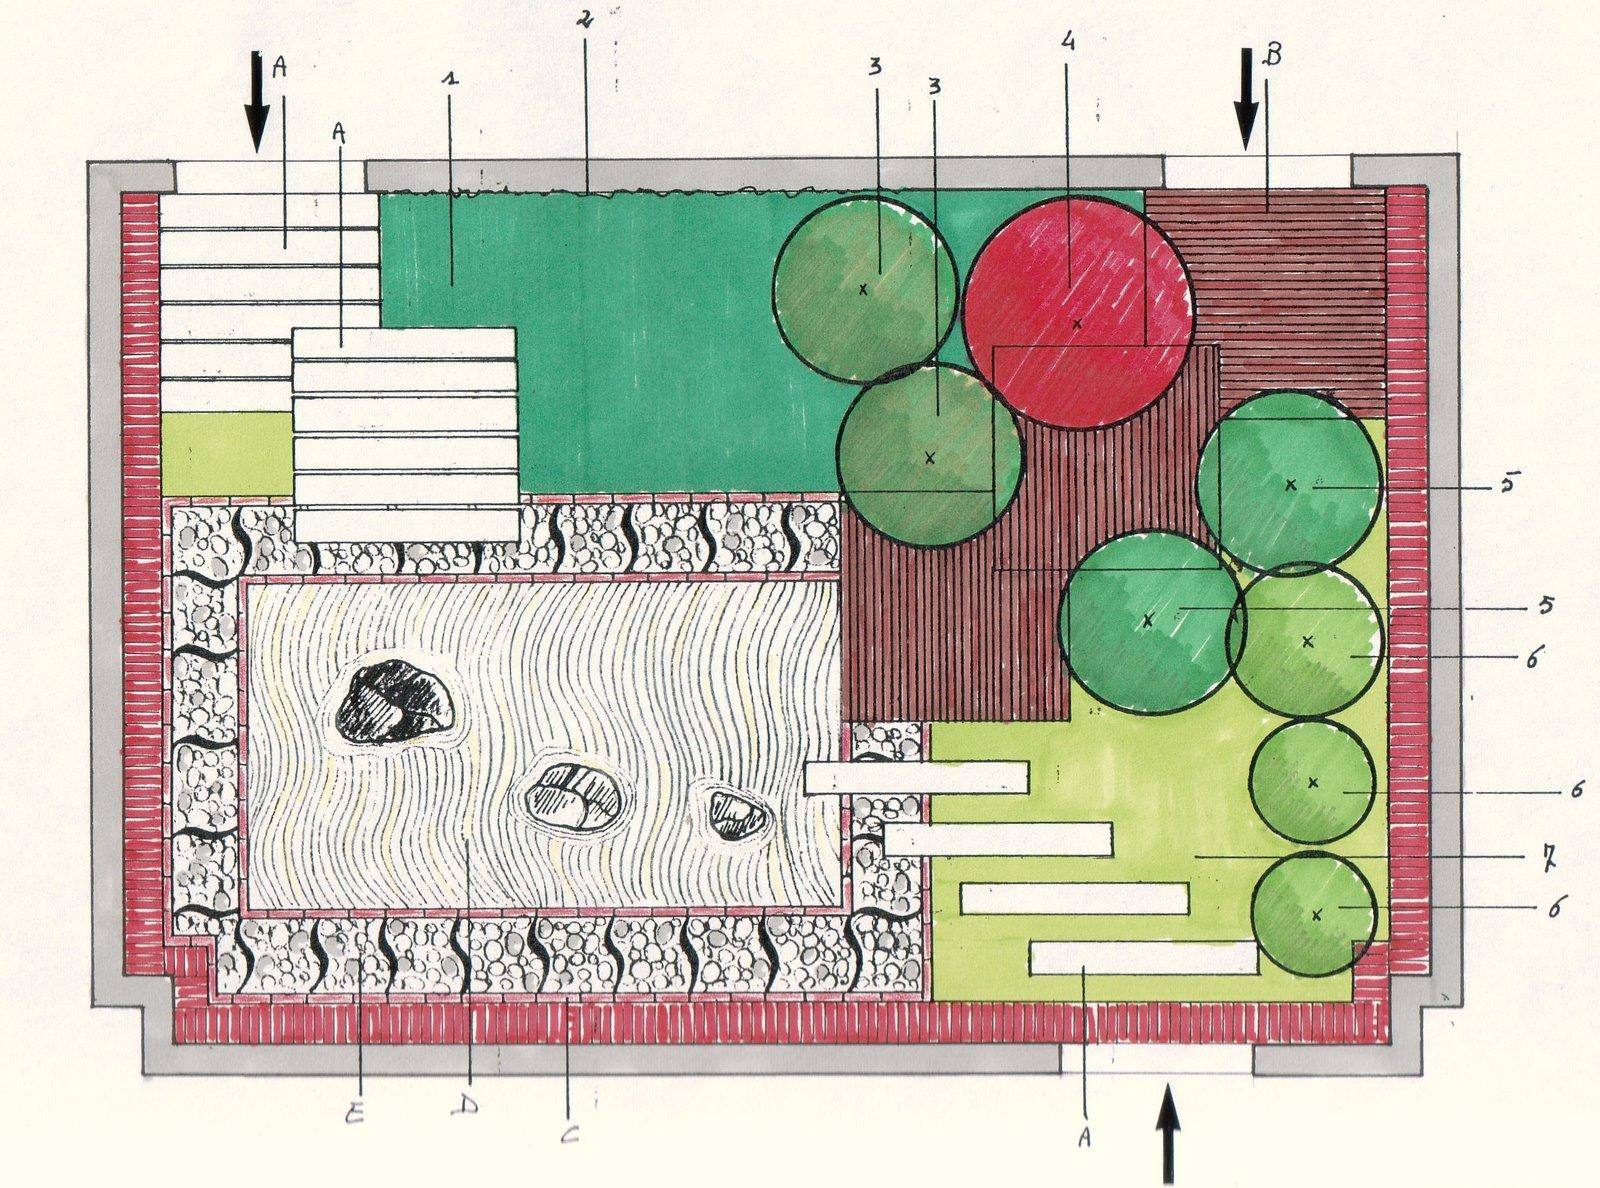 Progetto Di Giardino Zen : Verdiprogetti architettura del paesaggio progetto di